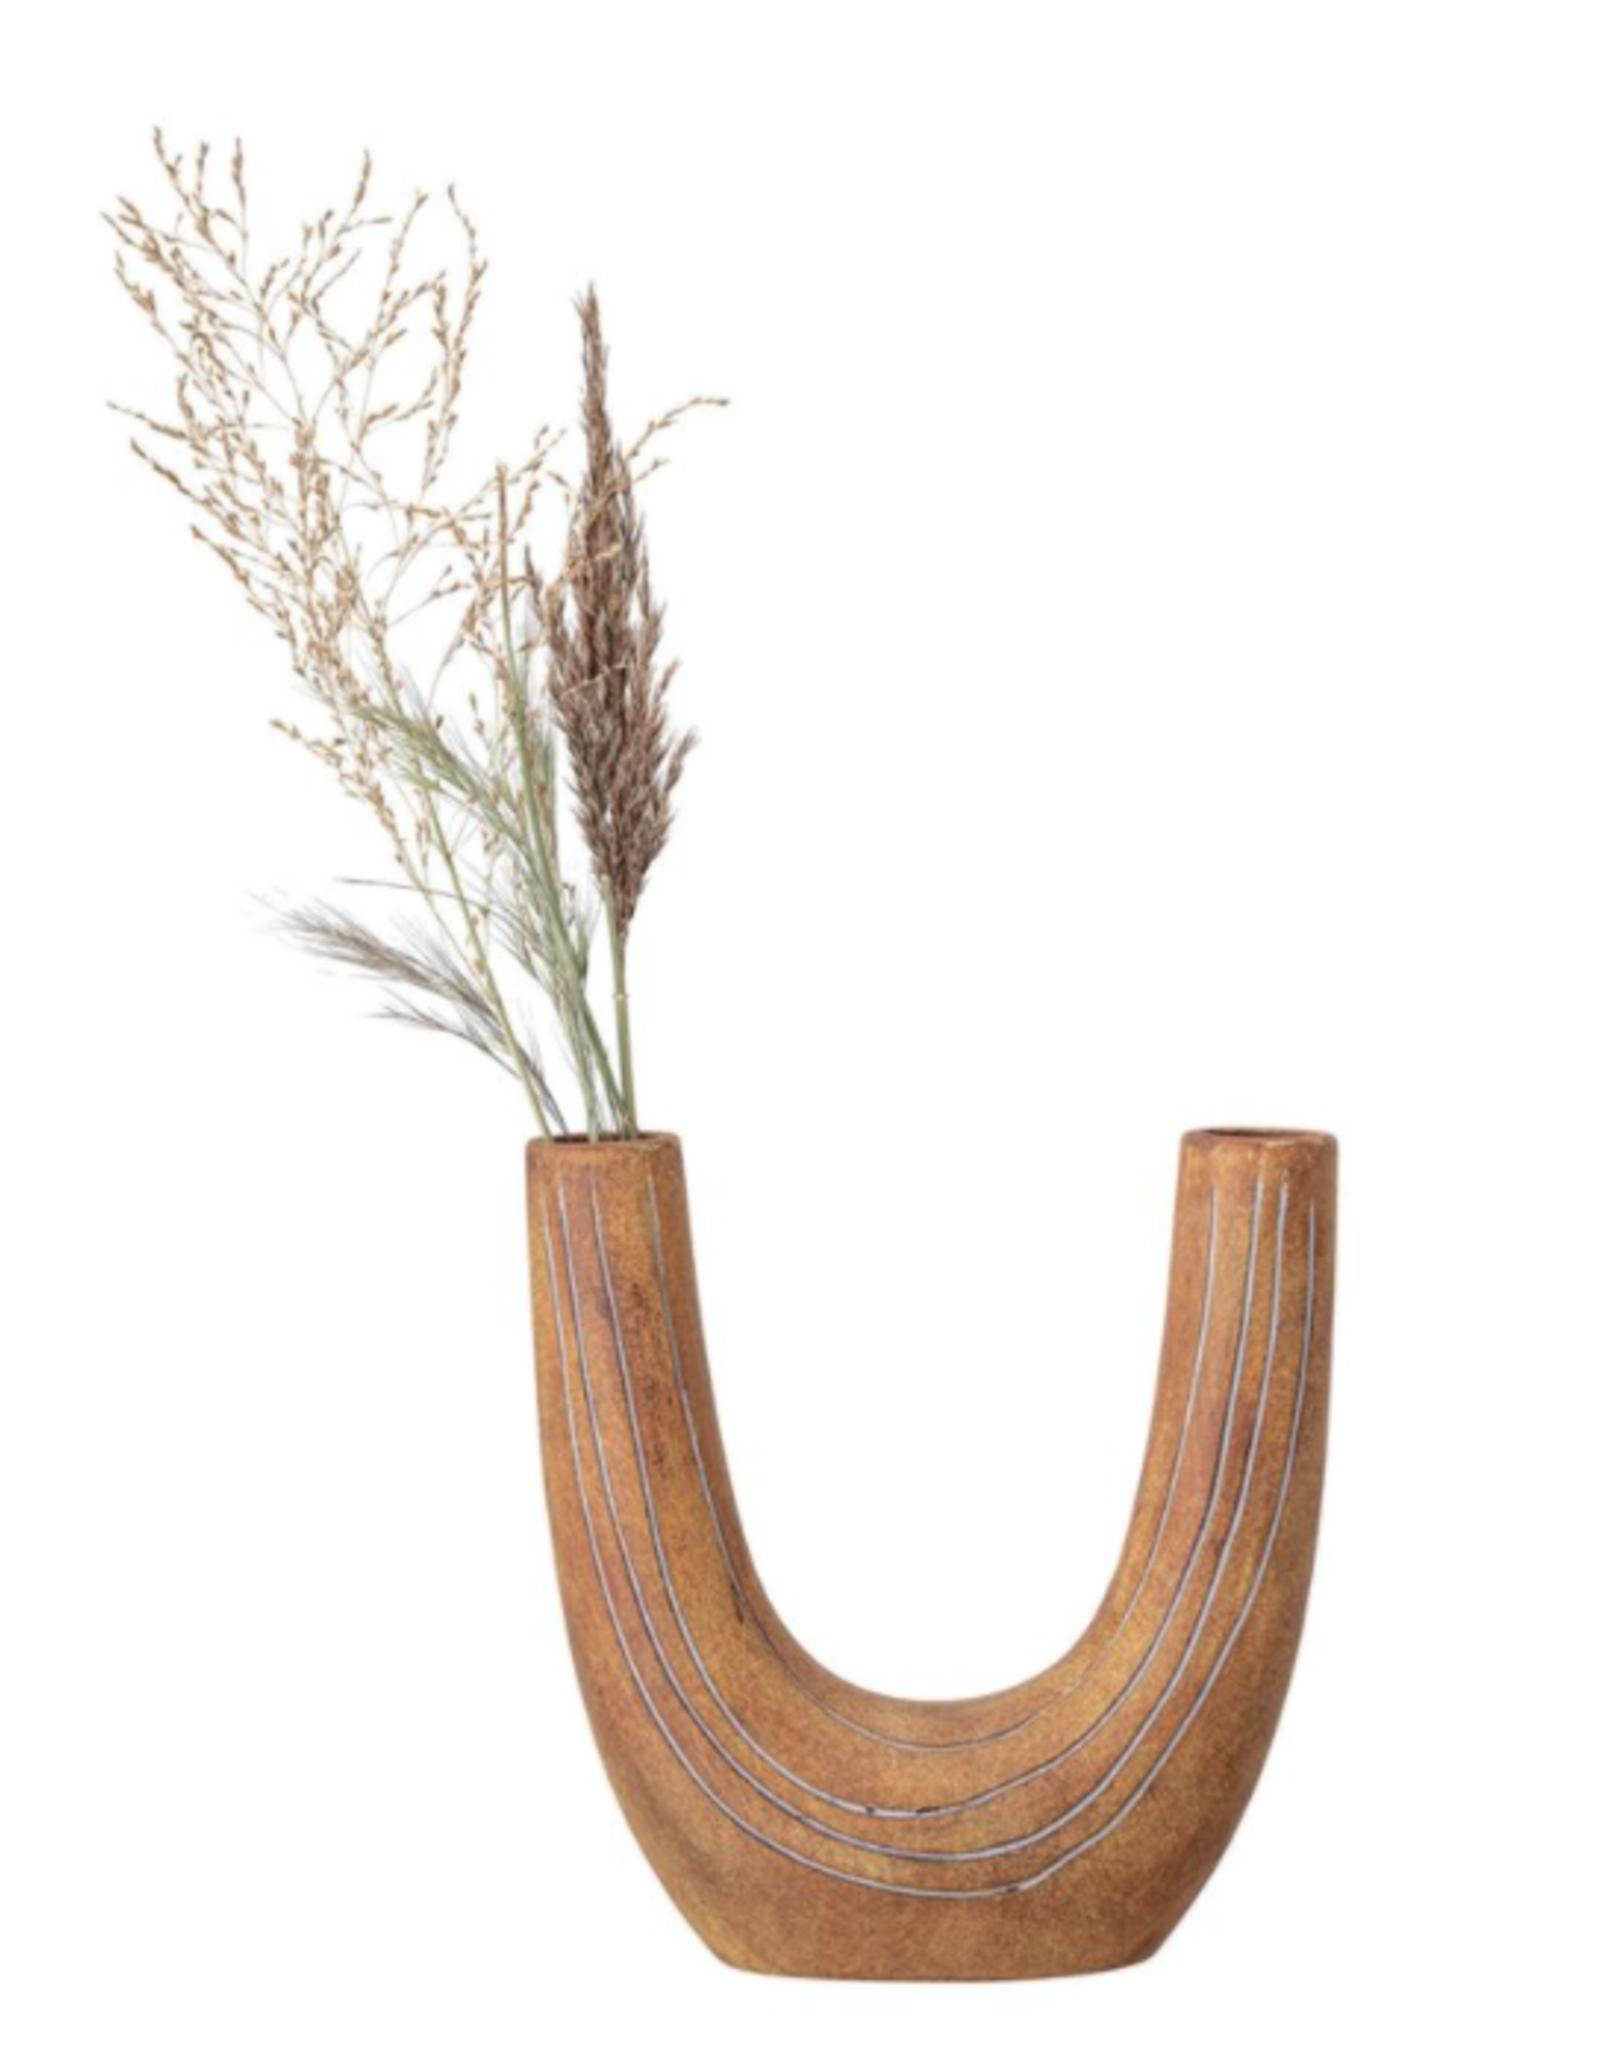 Painted Terra-cotta U-Shaped Vase